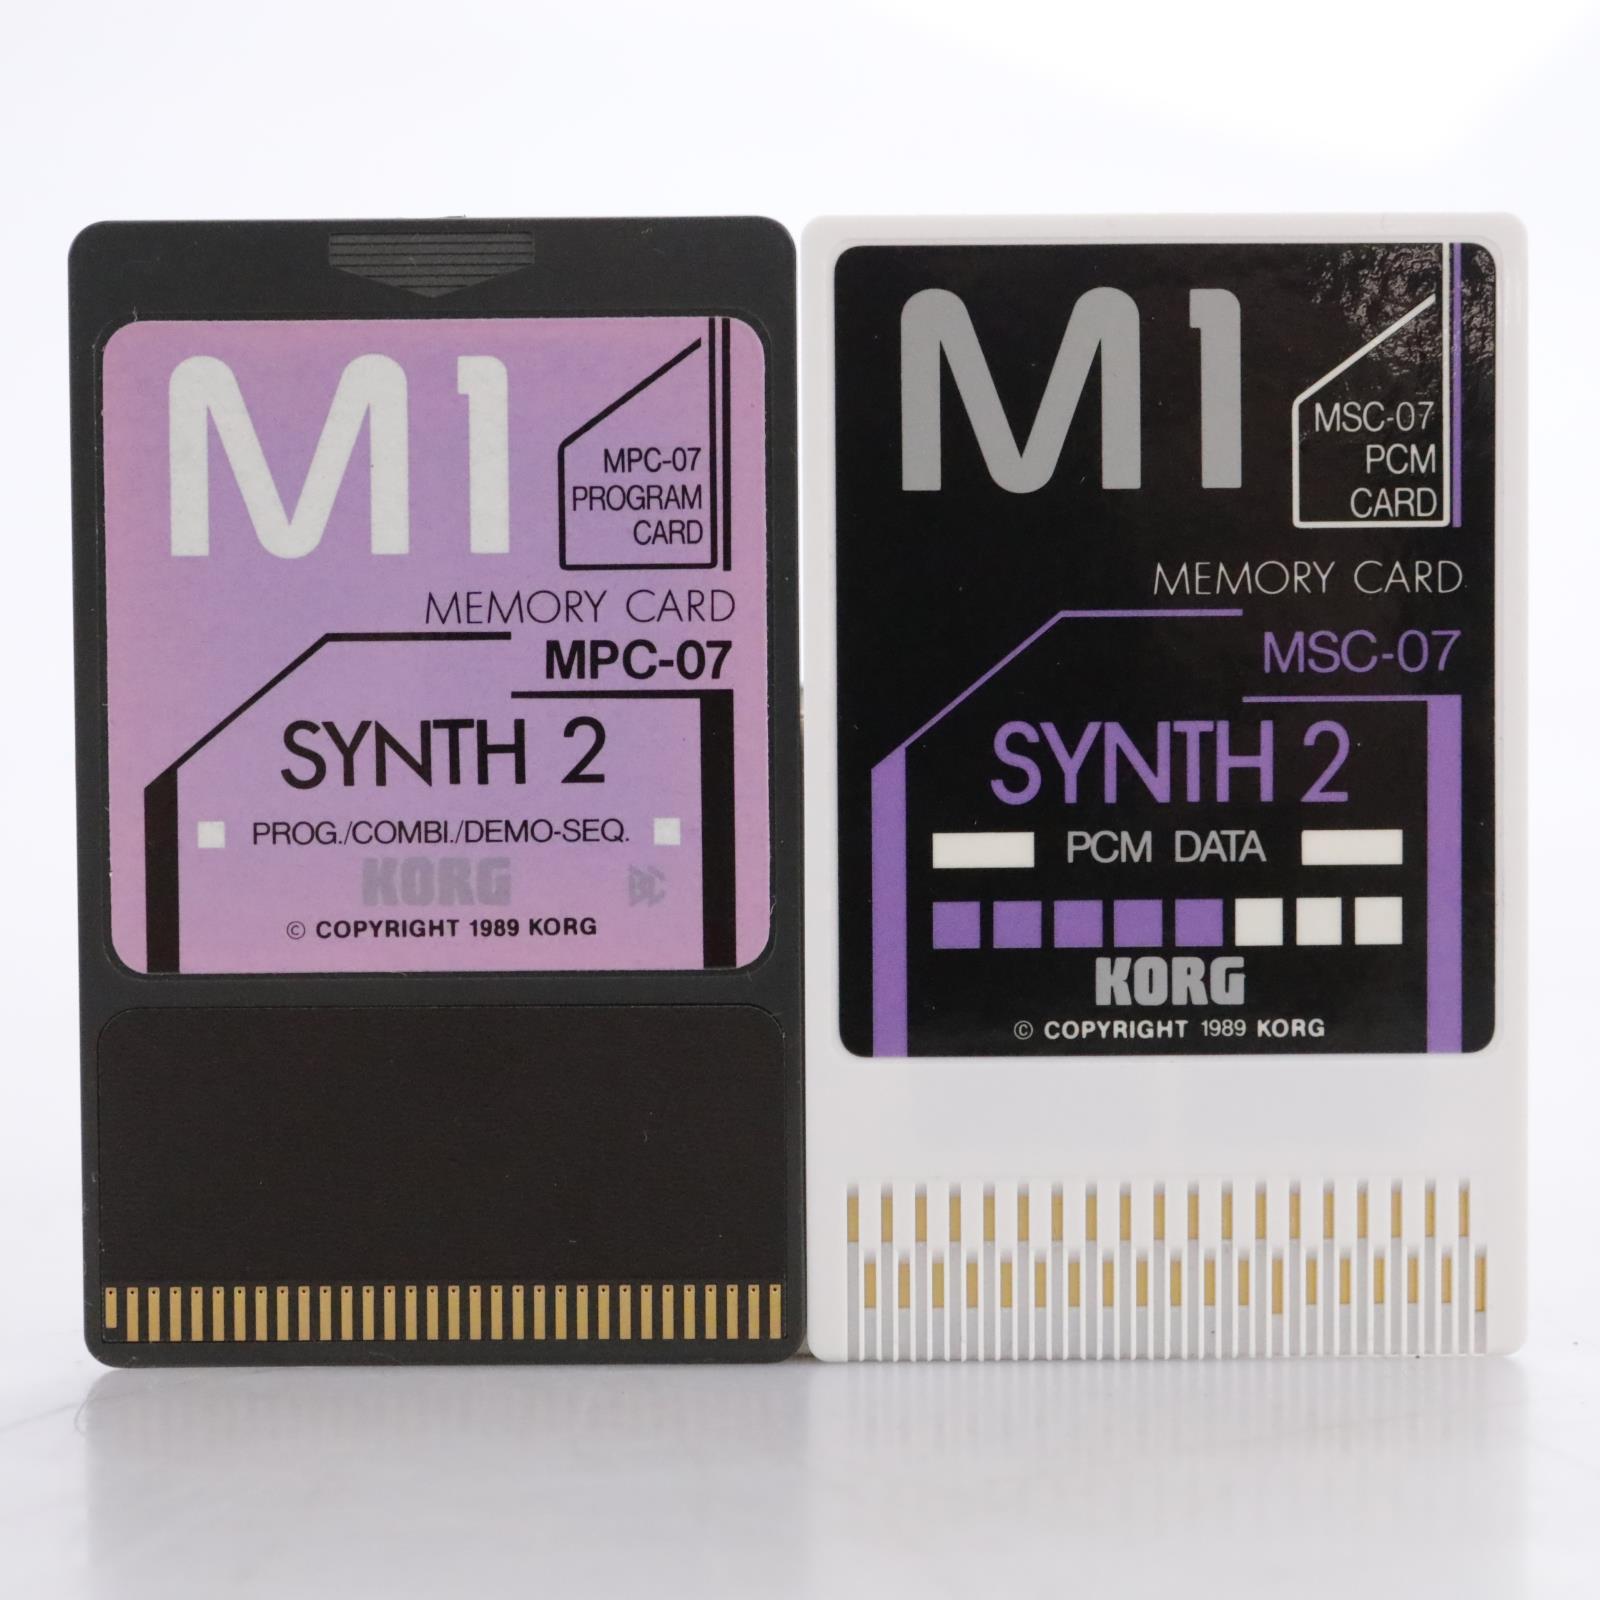 Korg MSC-7S / MSC-07 Synth 2 PCM Data Cards for Korg M1 #44174